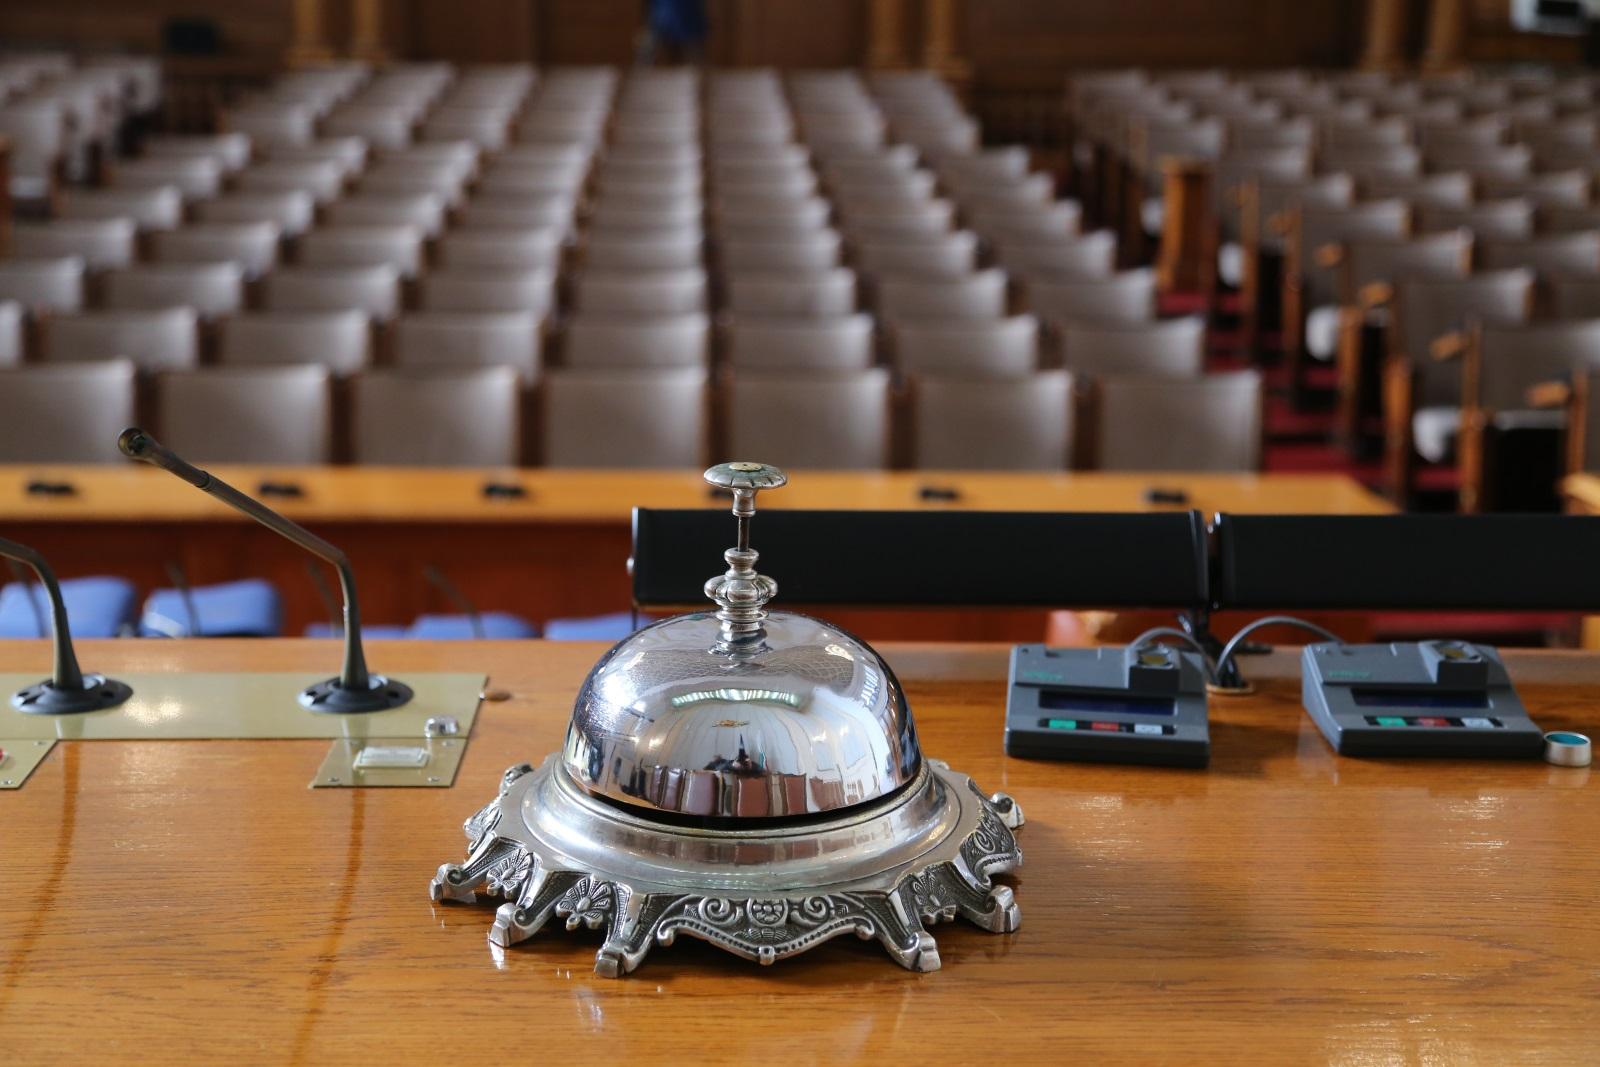 Народно събрание отвари врати за граждани по повод 140 години от първото заседание на Учредителното събрание. Денят на отворени врати е част от инициативите за отбелязване на годишнината от Учредителното събрание и приемането на Търновската конституция. Председателят на парламента Цвета Караянчева посрещна първите посетители.